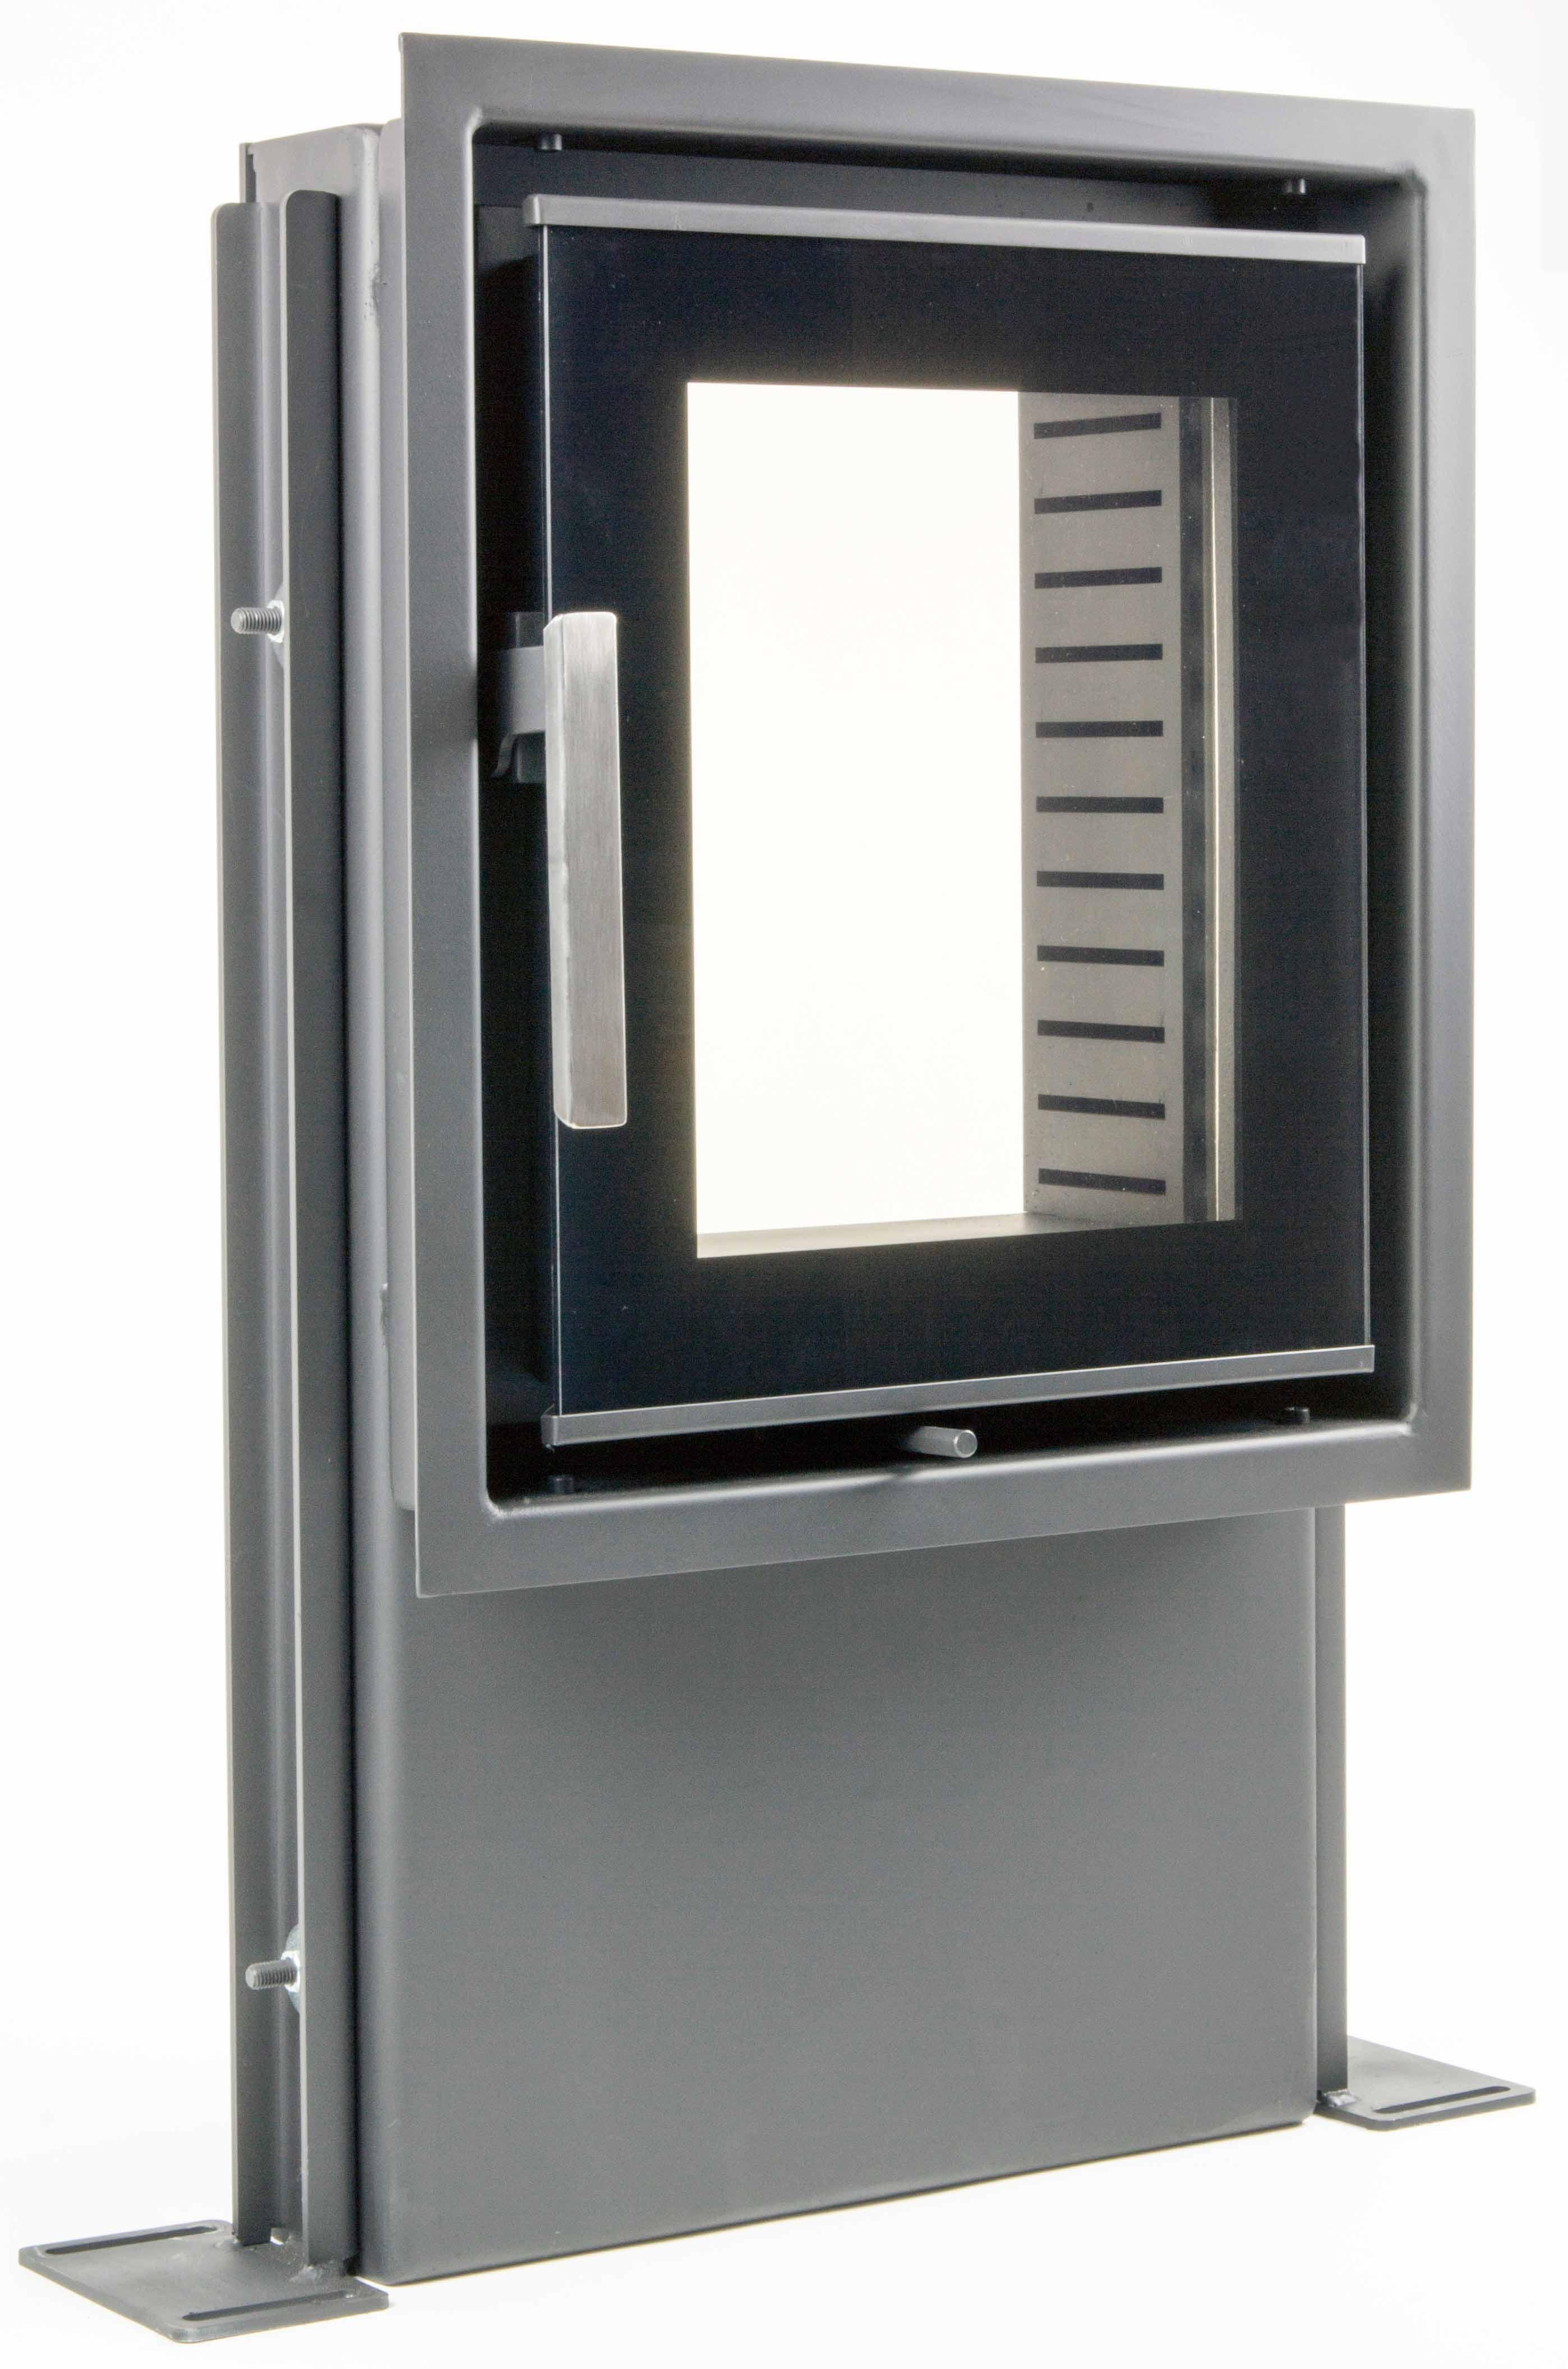 KK3036_2_külső-légbevezetéses,-dupla-üveges-cserépkályhaajtó